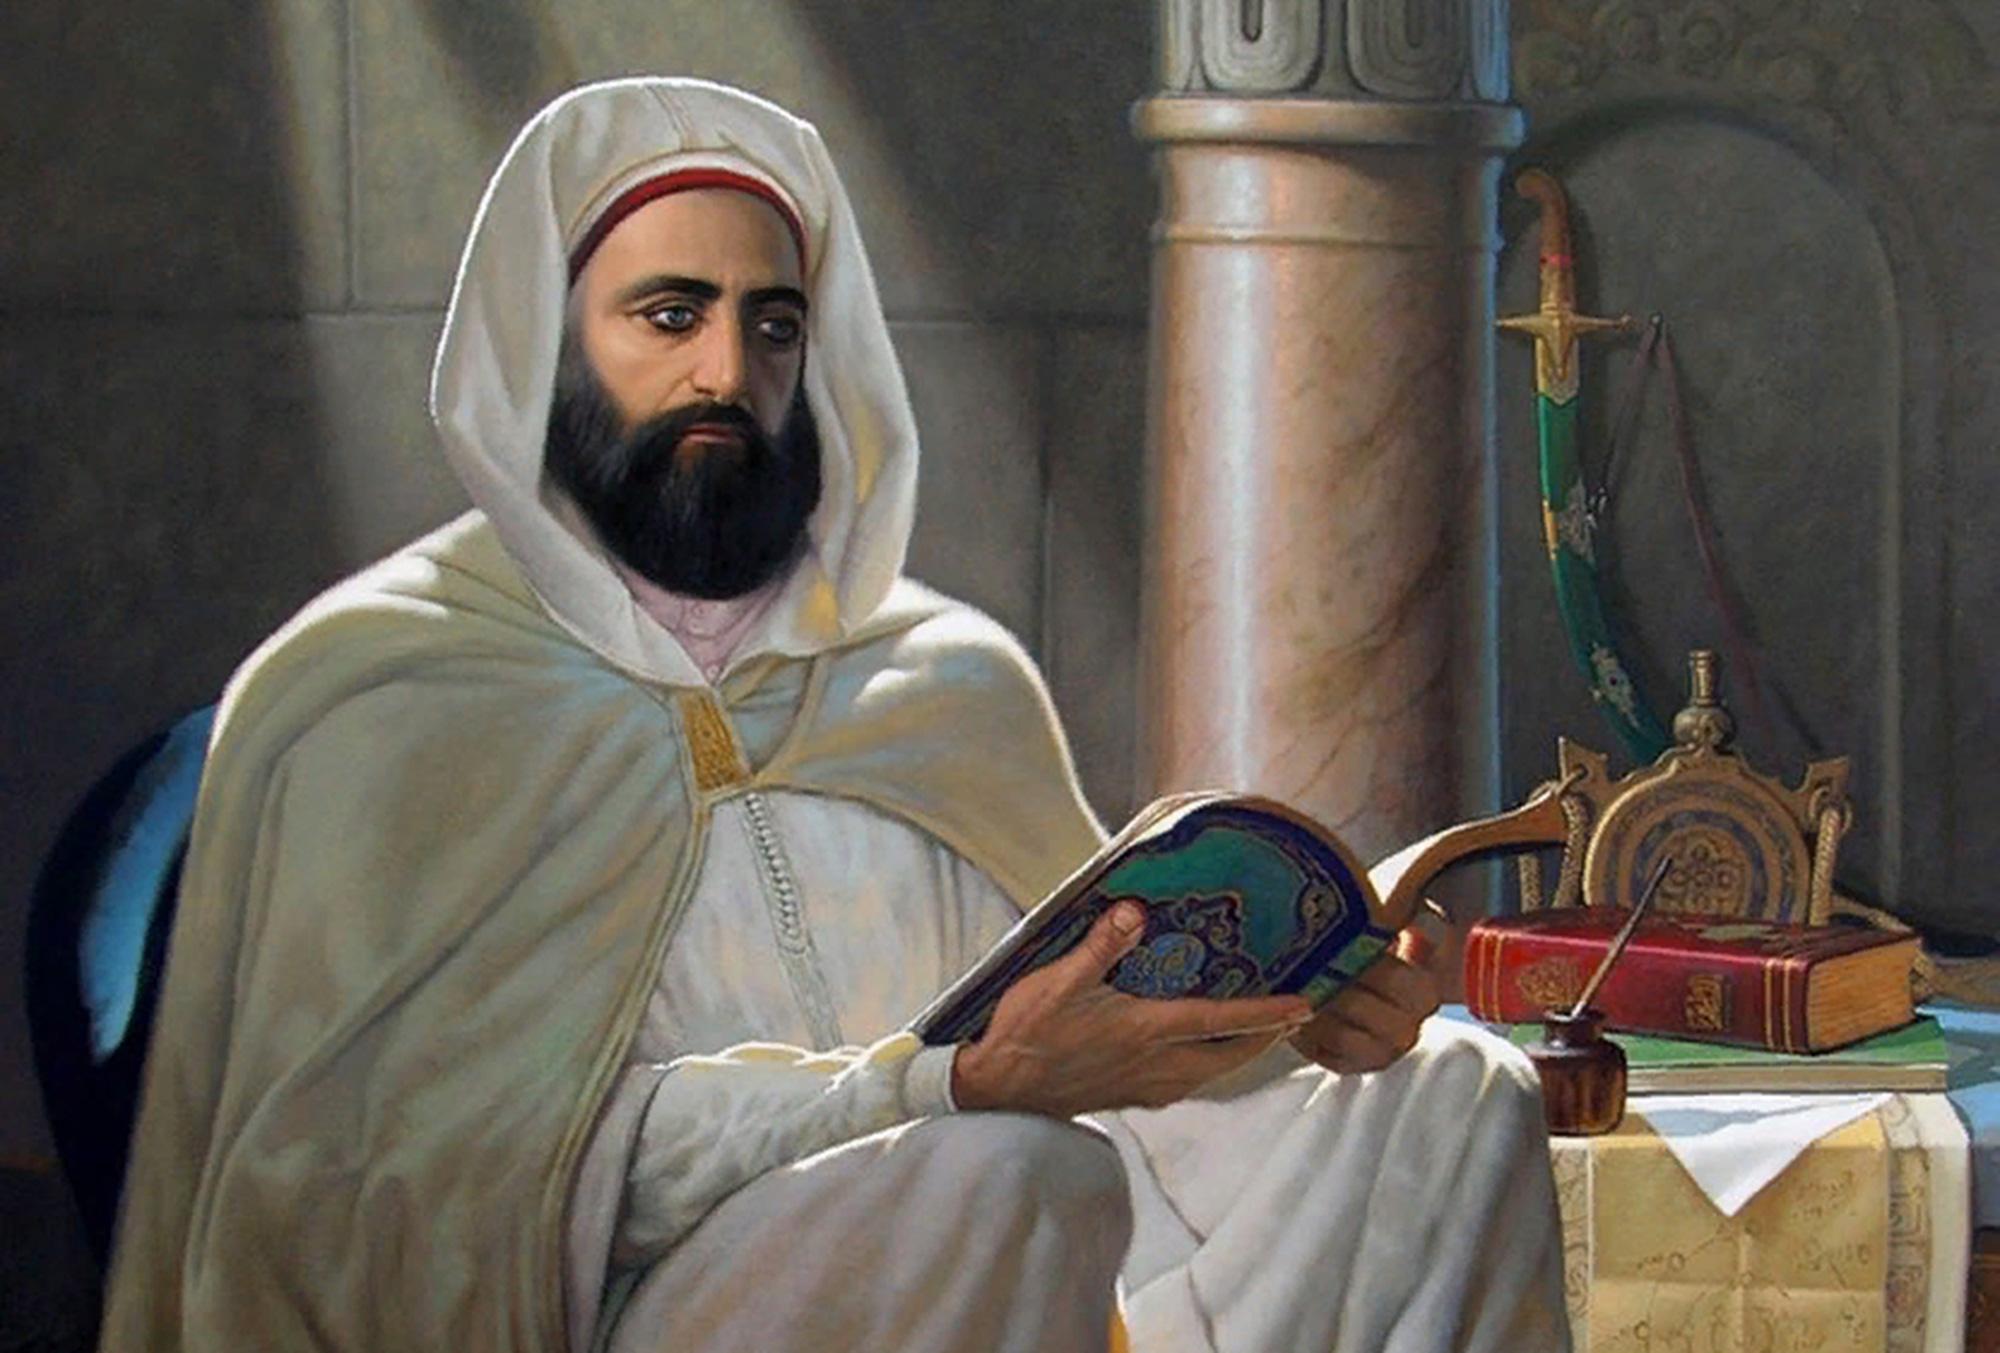 Абд аль-Кадир ибн Мухйиддин аль-Джазаири